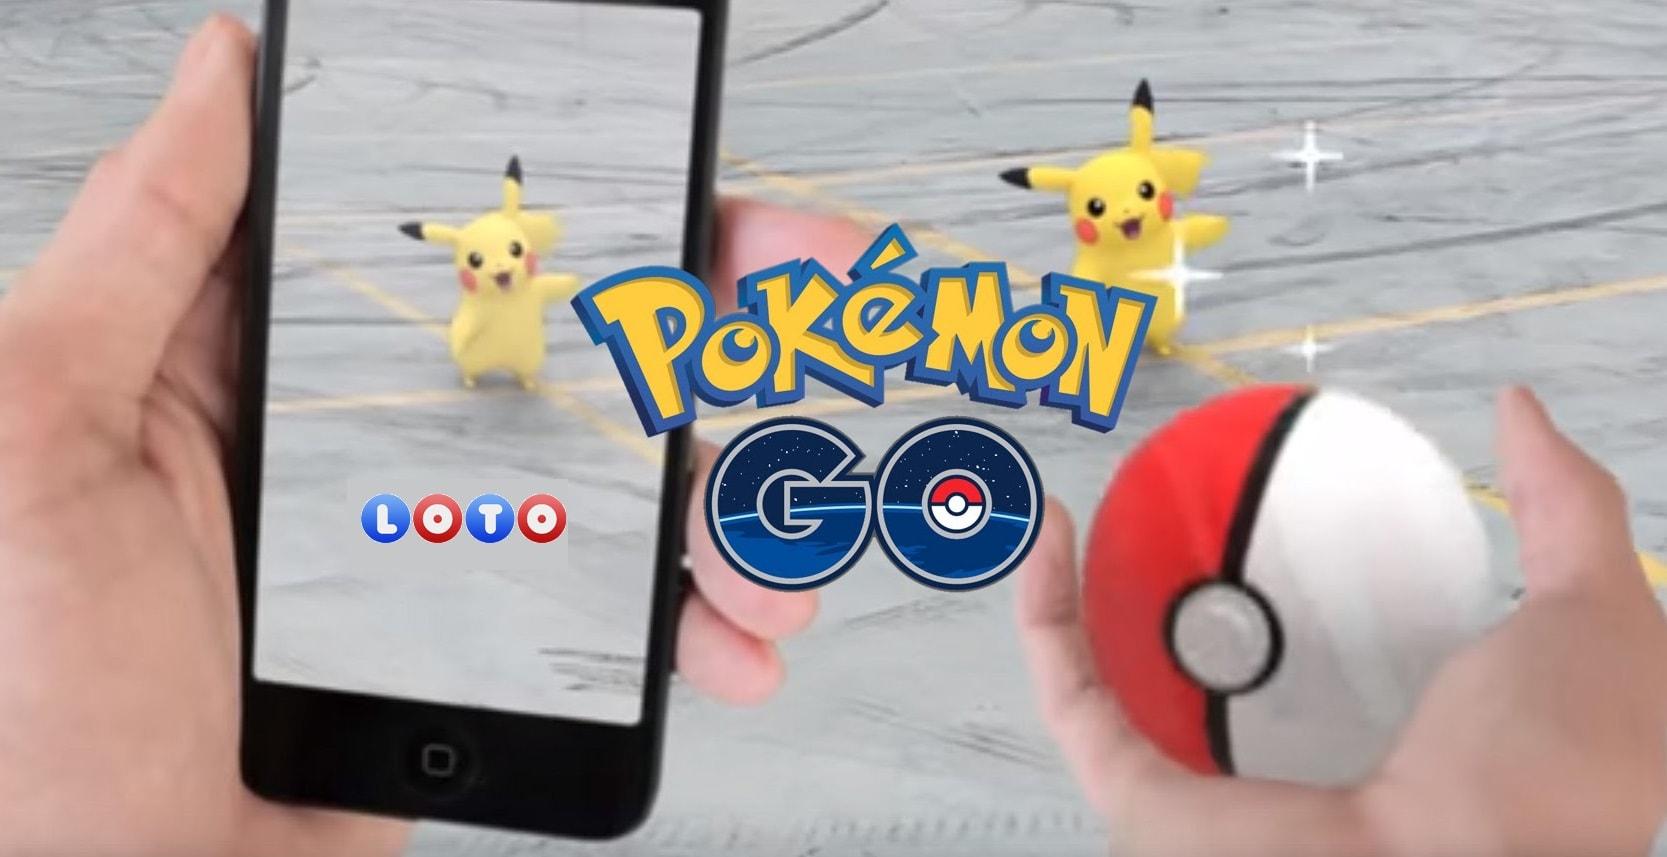 Pokemong GO Loterie